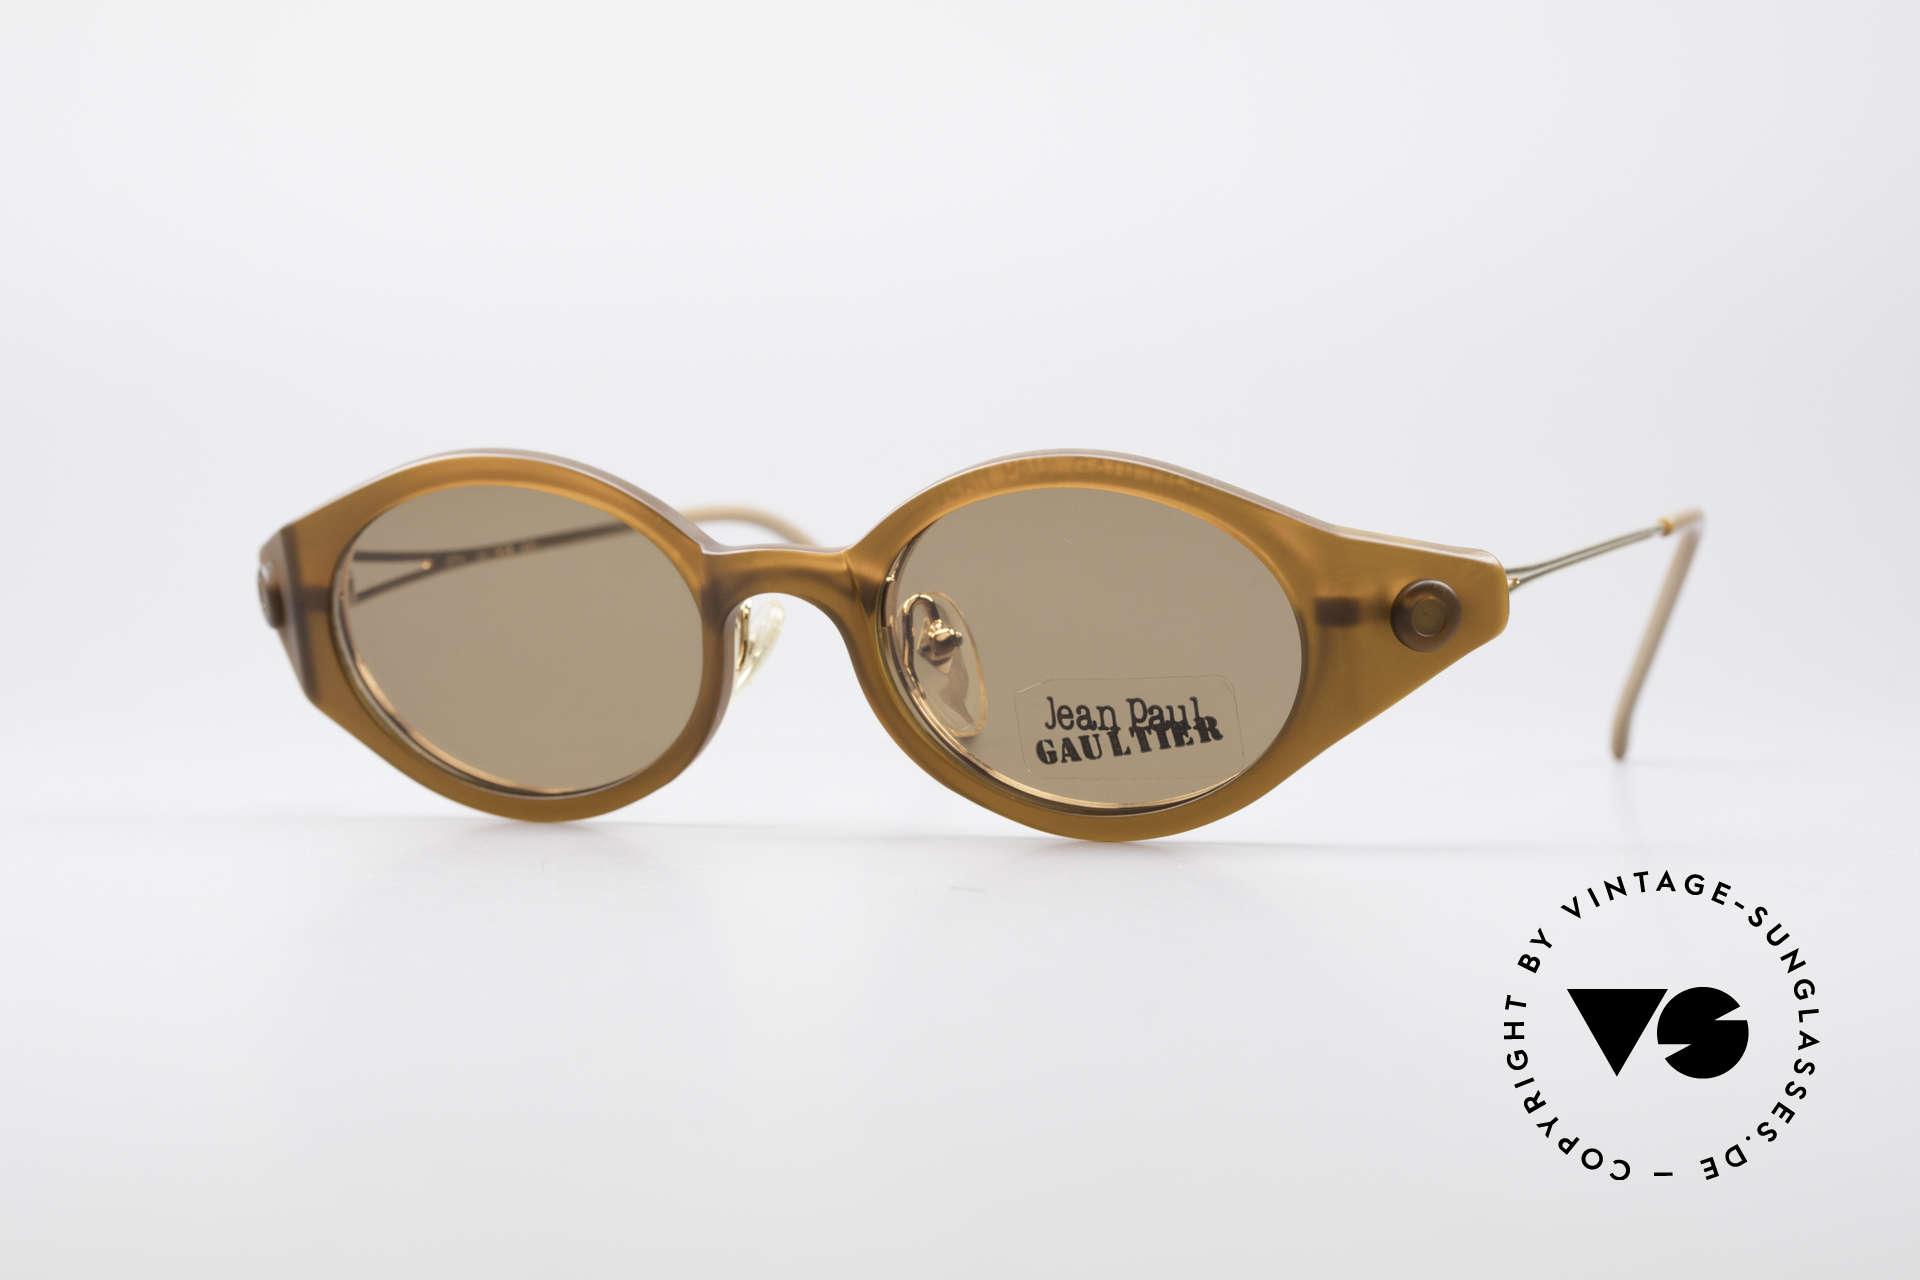 Jean Paul Gaultier 56-7202 Ovale Brille mit Sonnenclip, orig. vintage Jean Paul Gaultier Designersonnenbrille, Passend für Herren und Damen